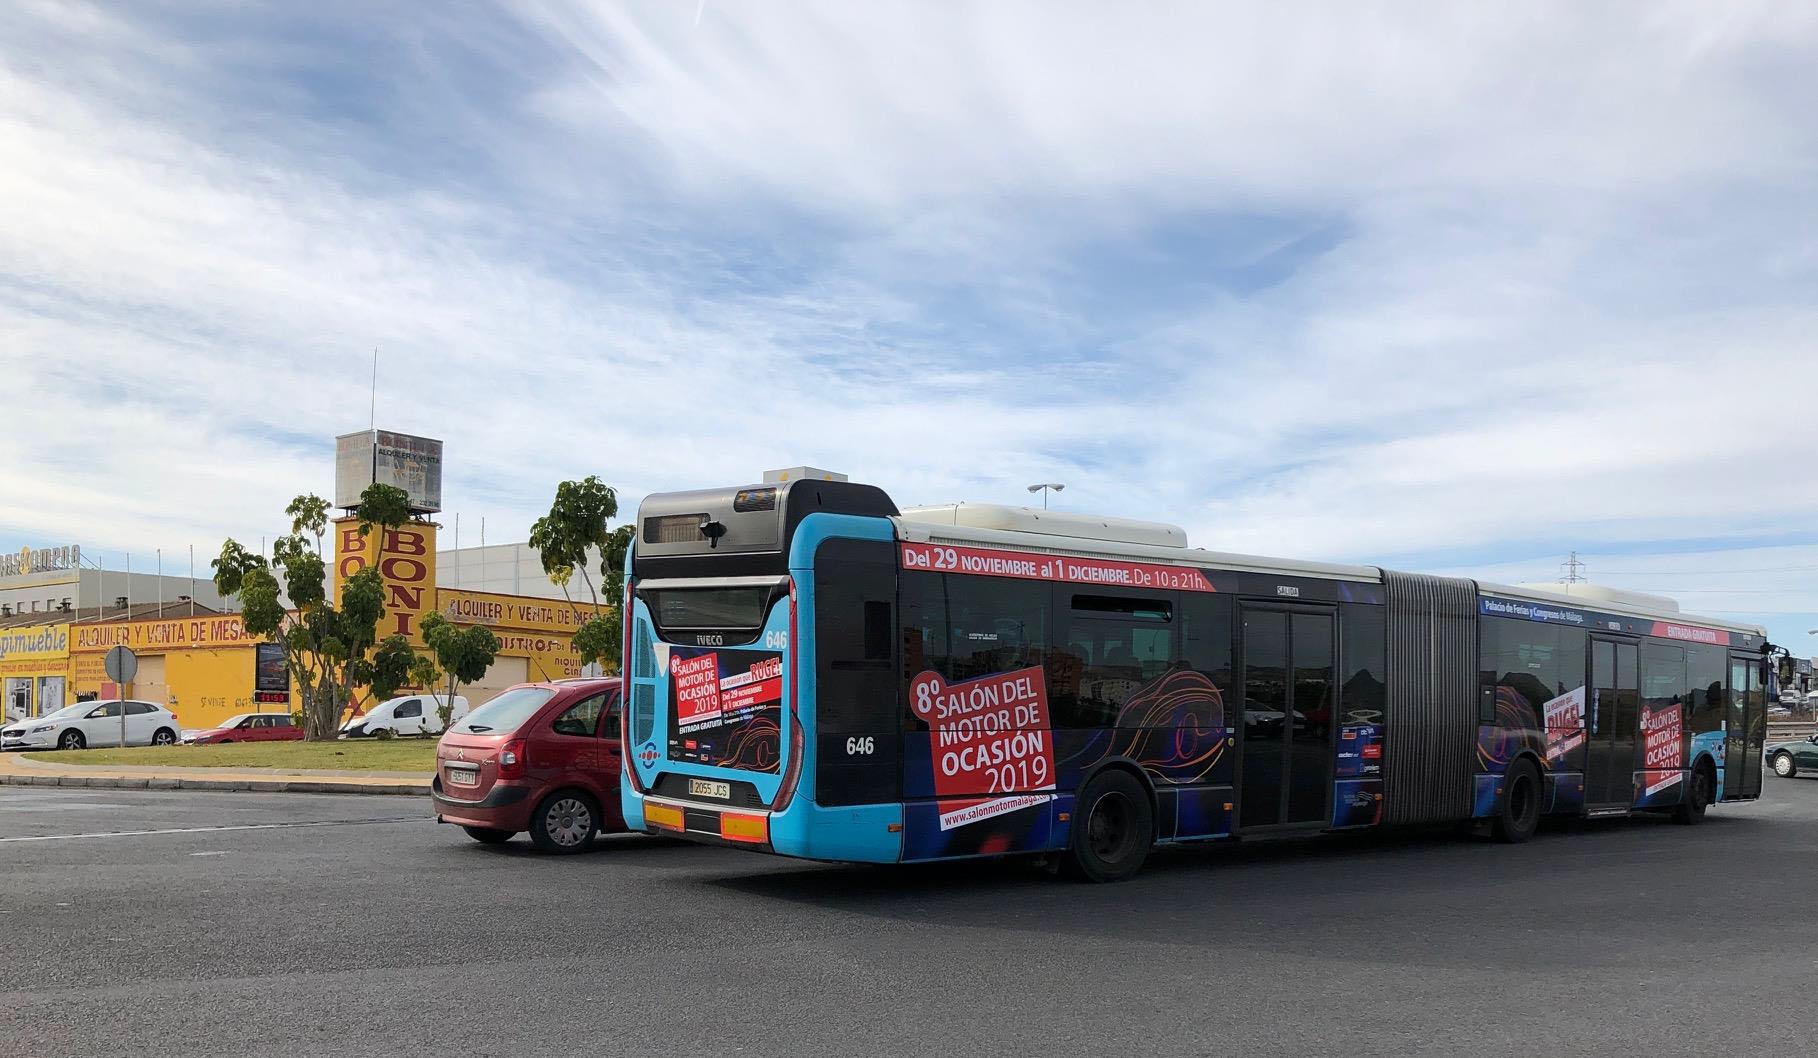 campaña publicidad exterior 360º Salon del motor 2019 Autobús publicitario